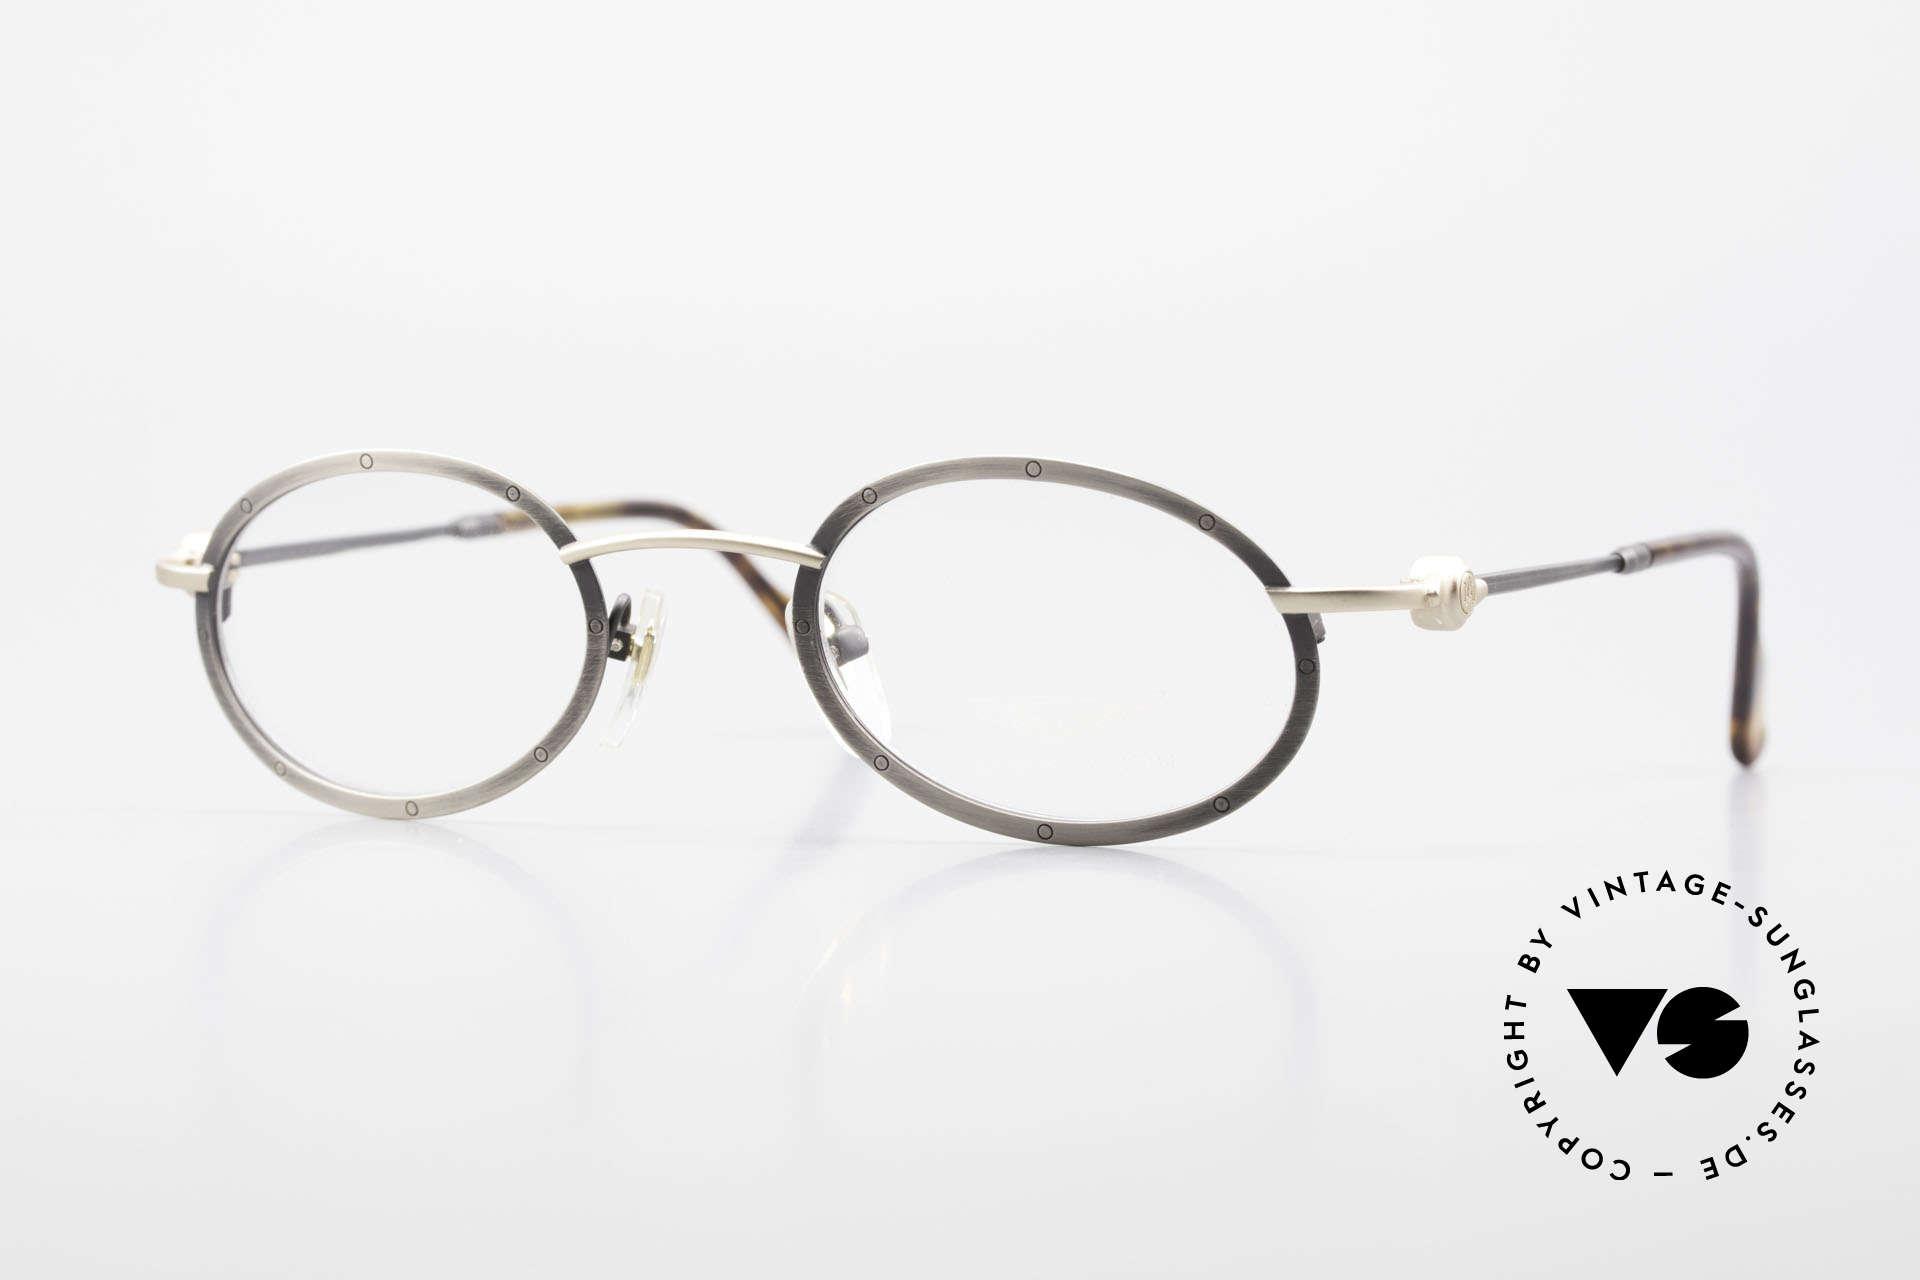 Aston Martin AM34 Vintage Brille Oval James Bond, edle Aston Martin vintage Luxus-Designerbrillenfassung, Passend für Herren